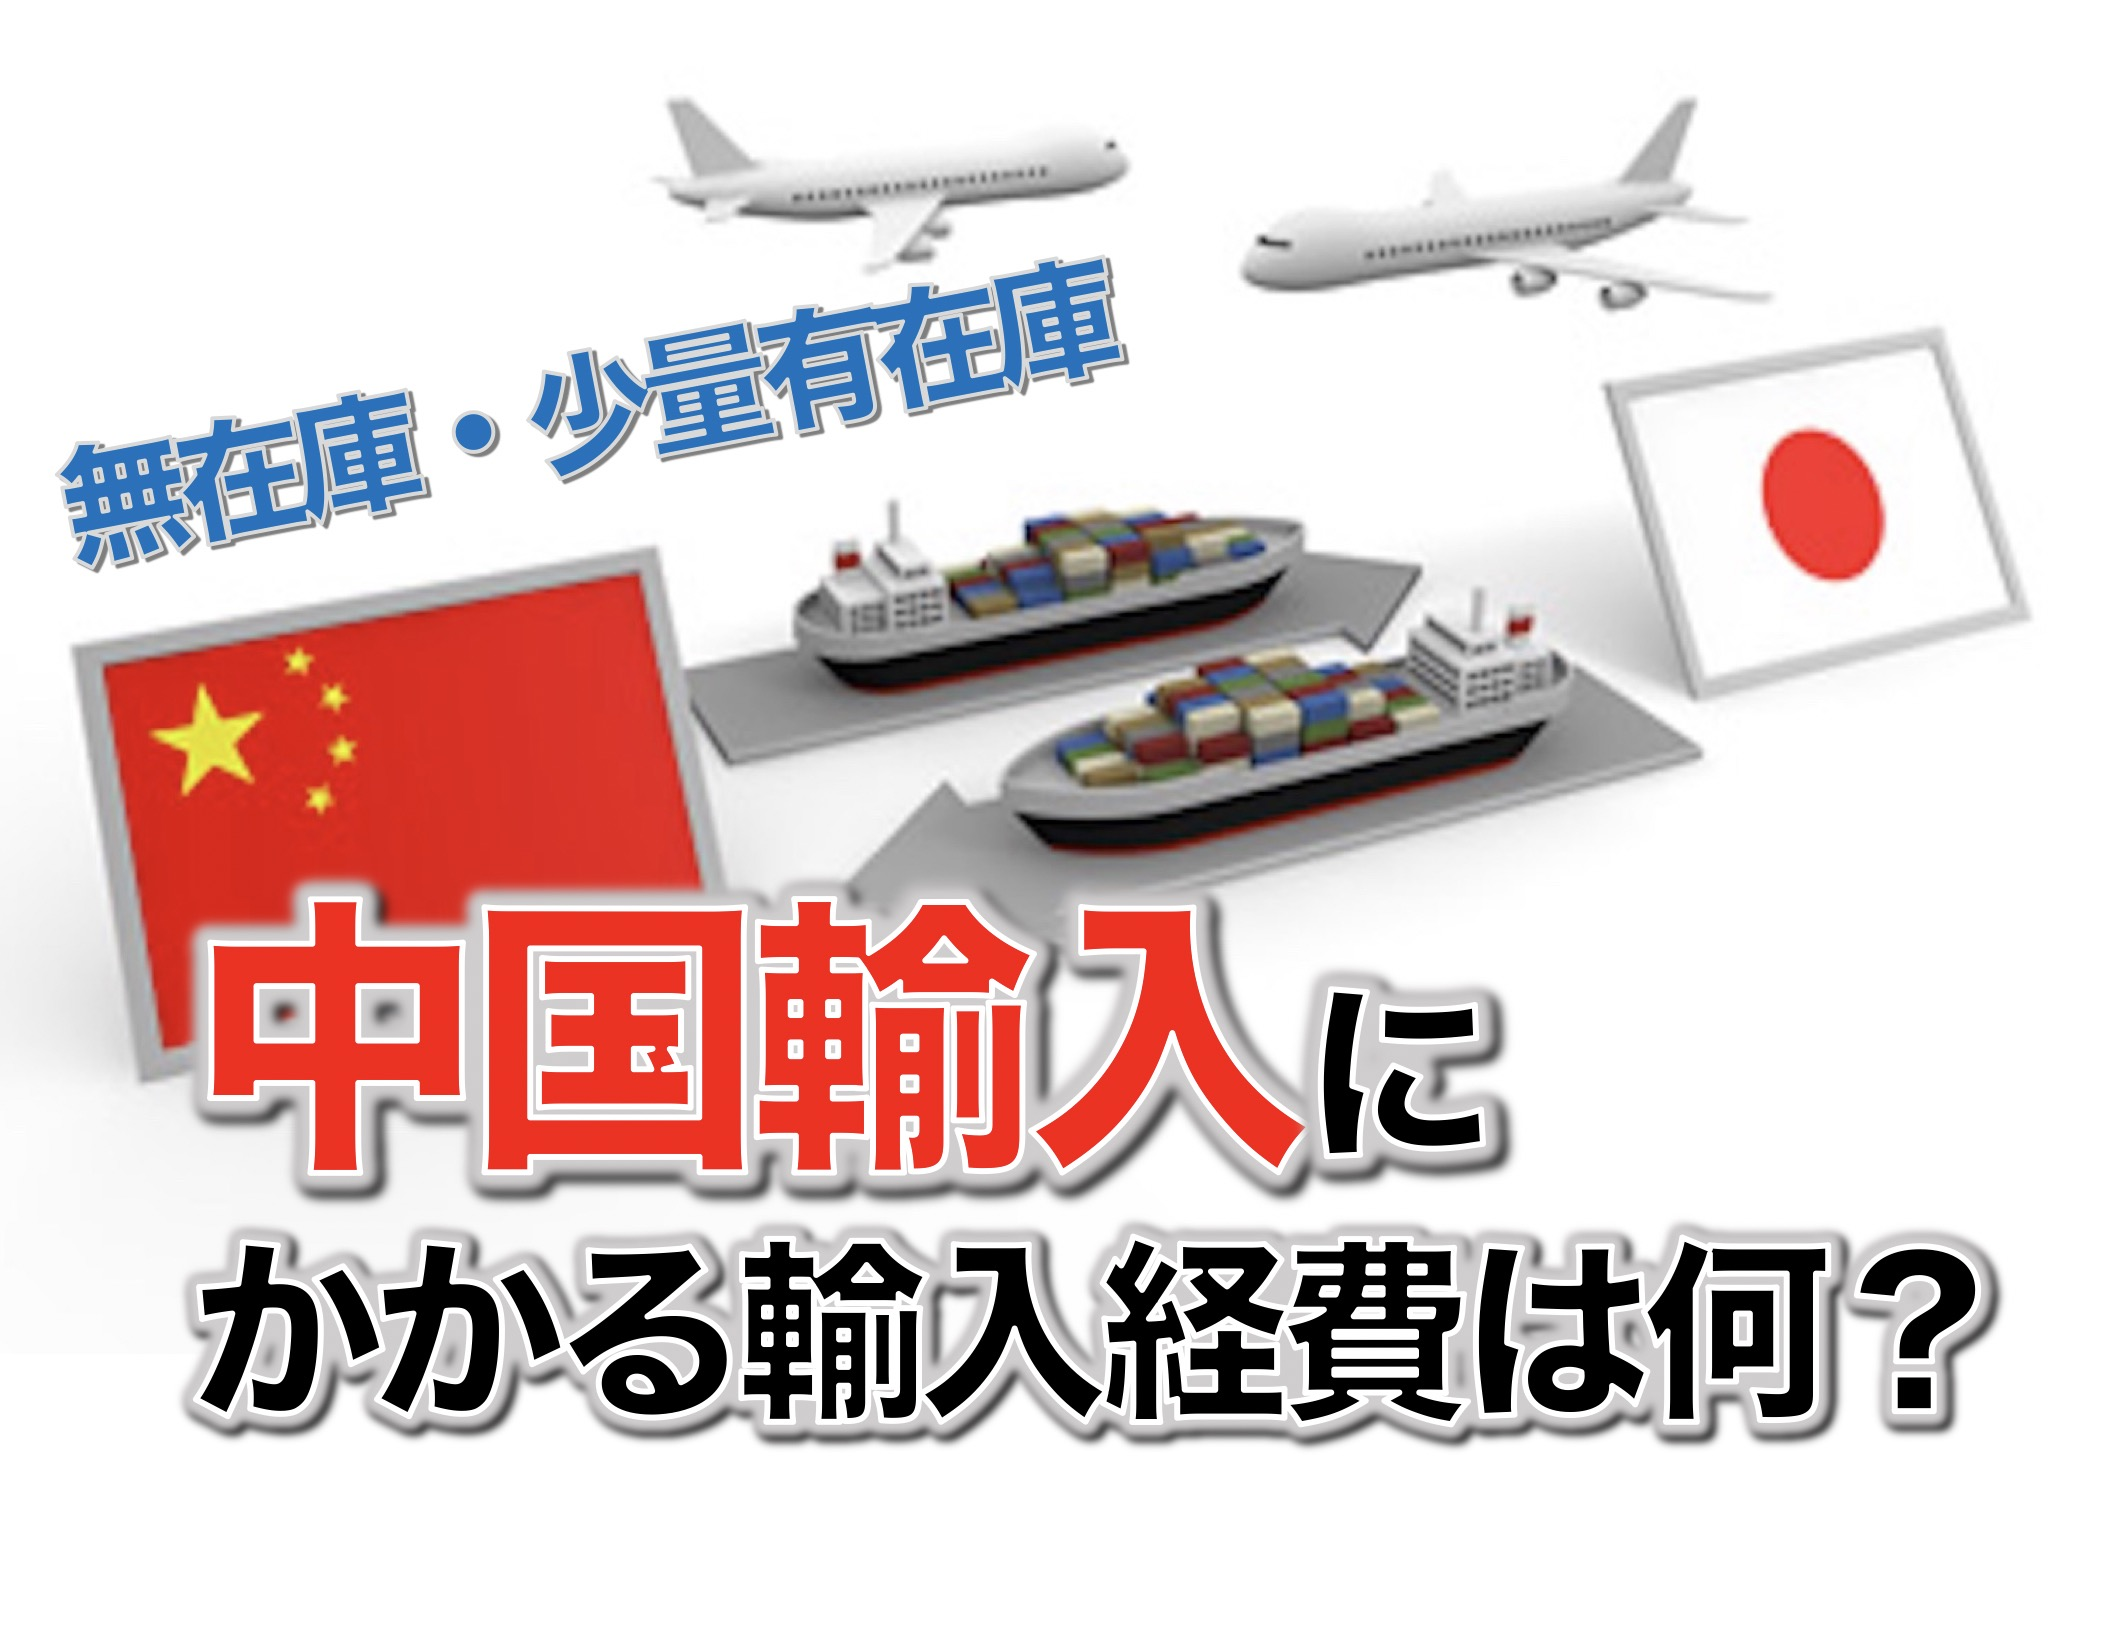 無在庫転売 中国輸入にかかる輸入経費は何?